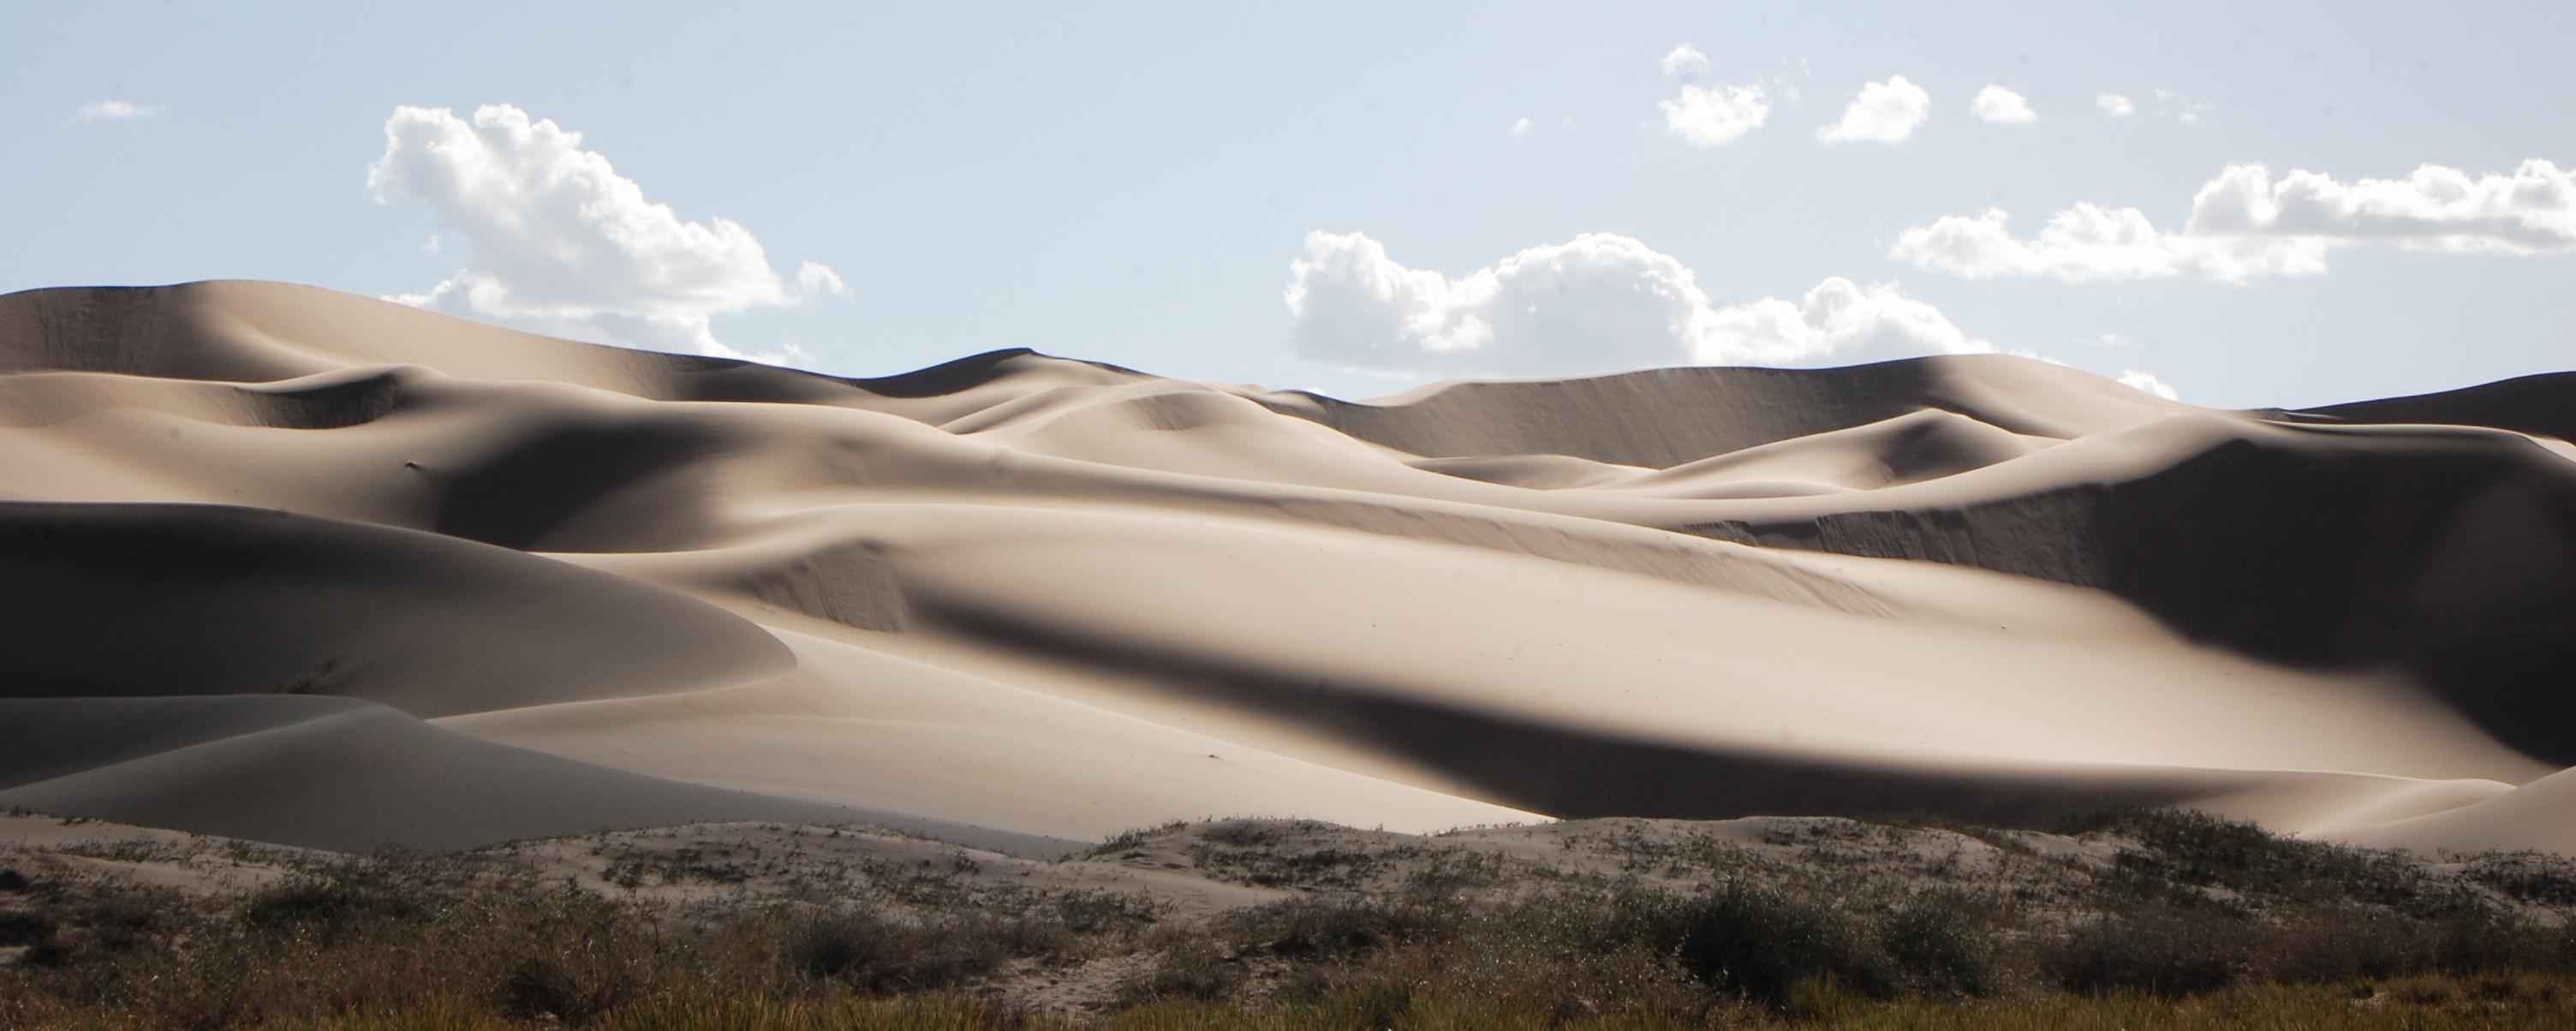 Dunes,Mongolia